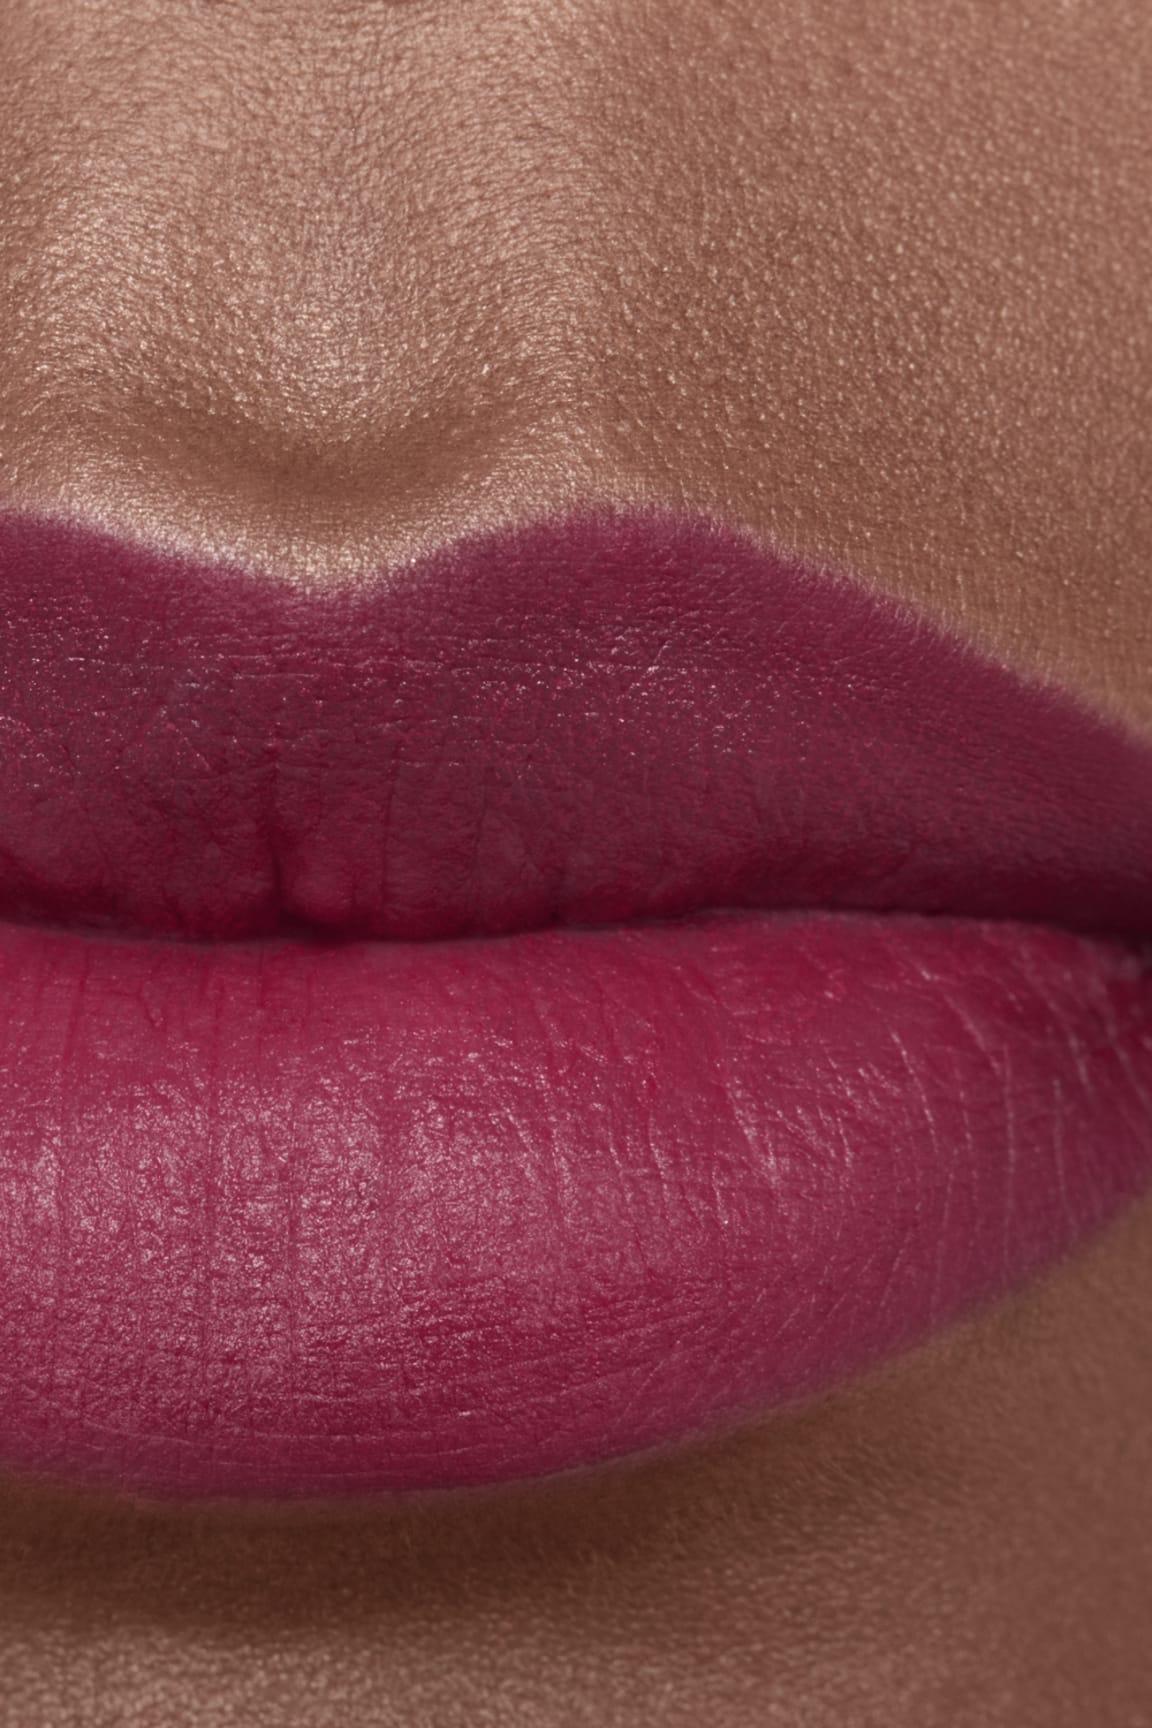 Application makeup visual 2 - ROUGE ALLURE CAMÉLIA 617 - ROUGE ALLURE VELVET CAMÉLIA GRENAT